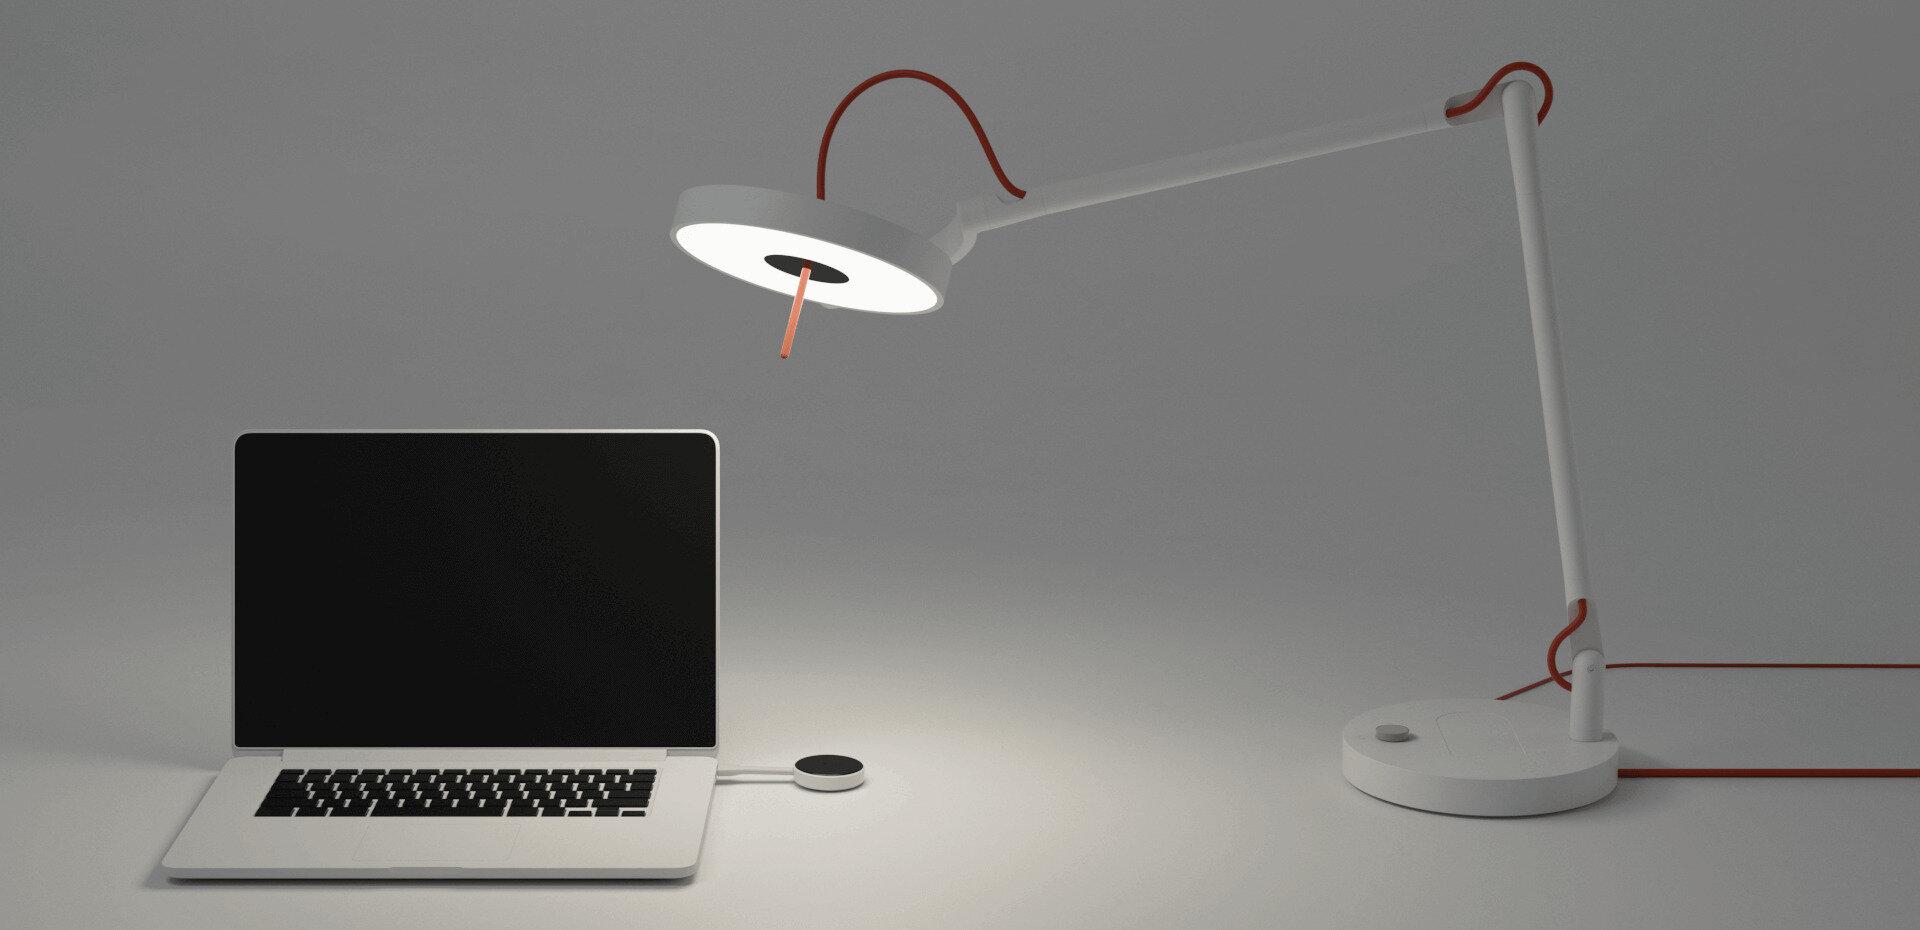 Internet par la lumière : 1 Gb/s avec LiFiMAX1G d'Oledcomm, gestion du réseau avec LiFiMAXController